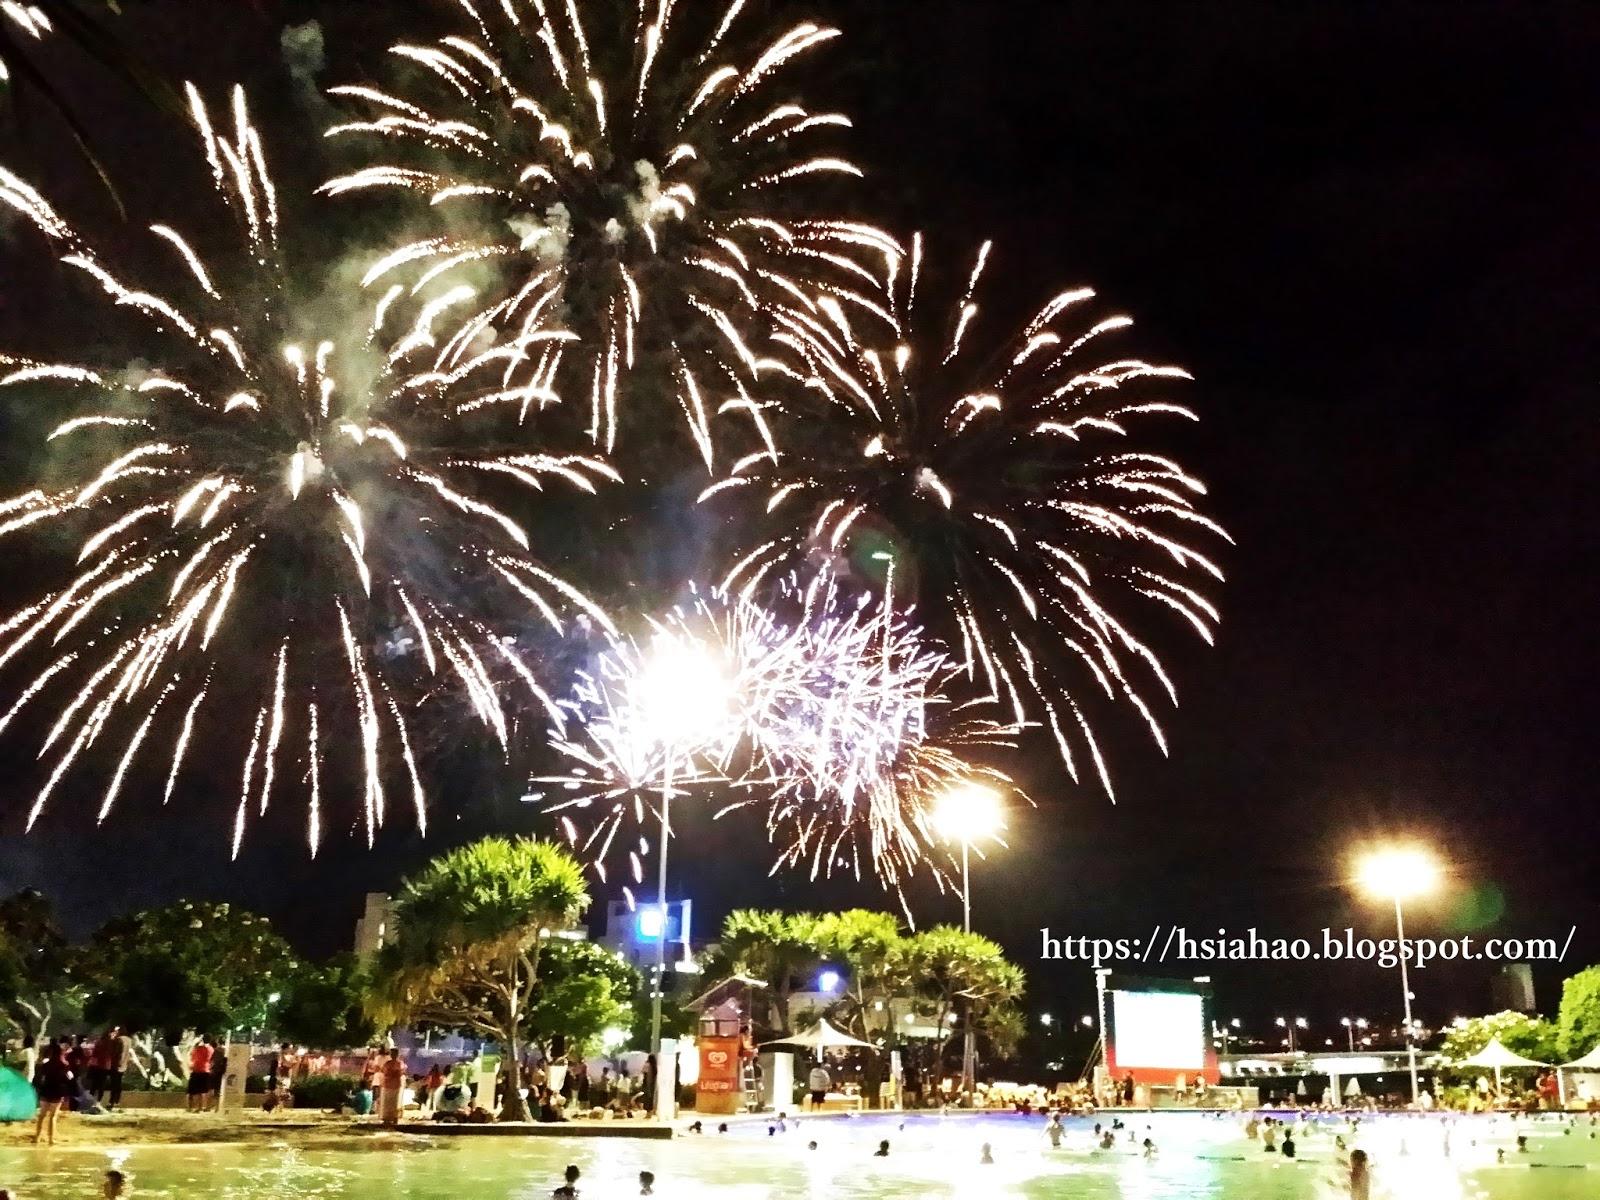 布里斯本-聖誕-跨年-南岸公園-活動-推薦-玩法-好玩-遊記-Brisbane-Christmas-New Year